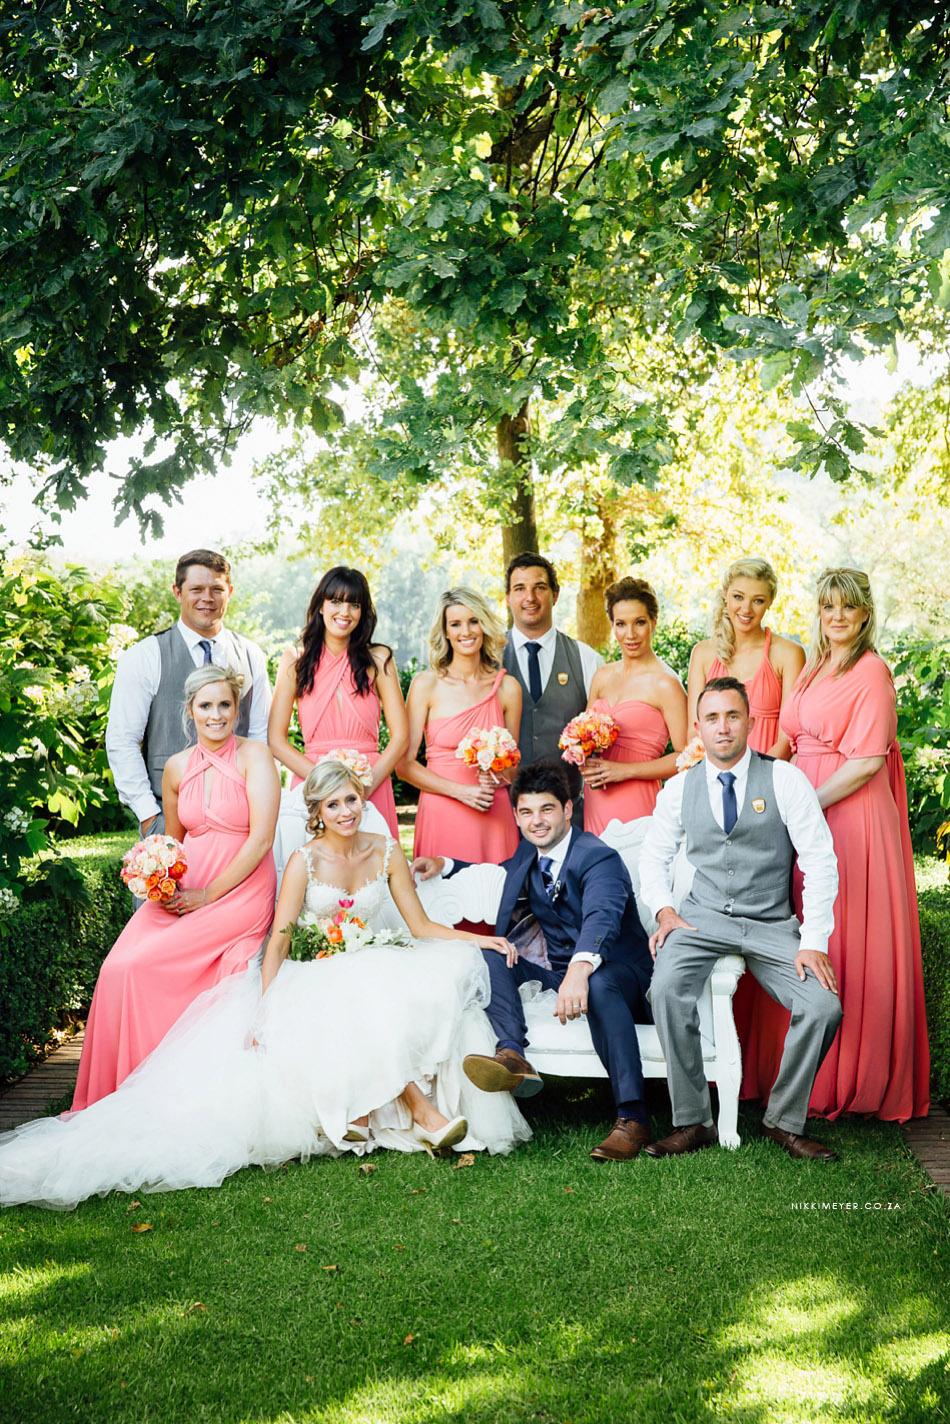 nikki_meyer_landtscap_winelands_wedding_035